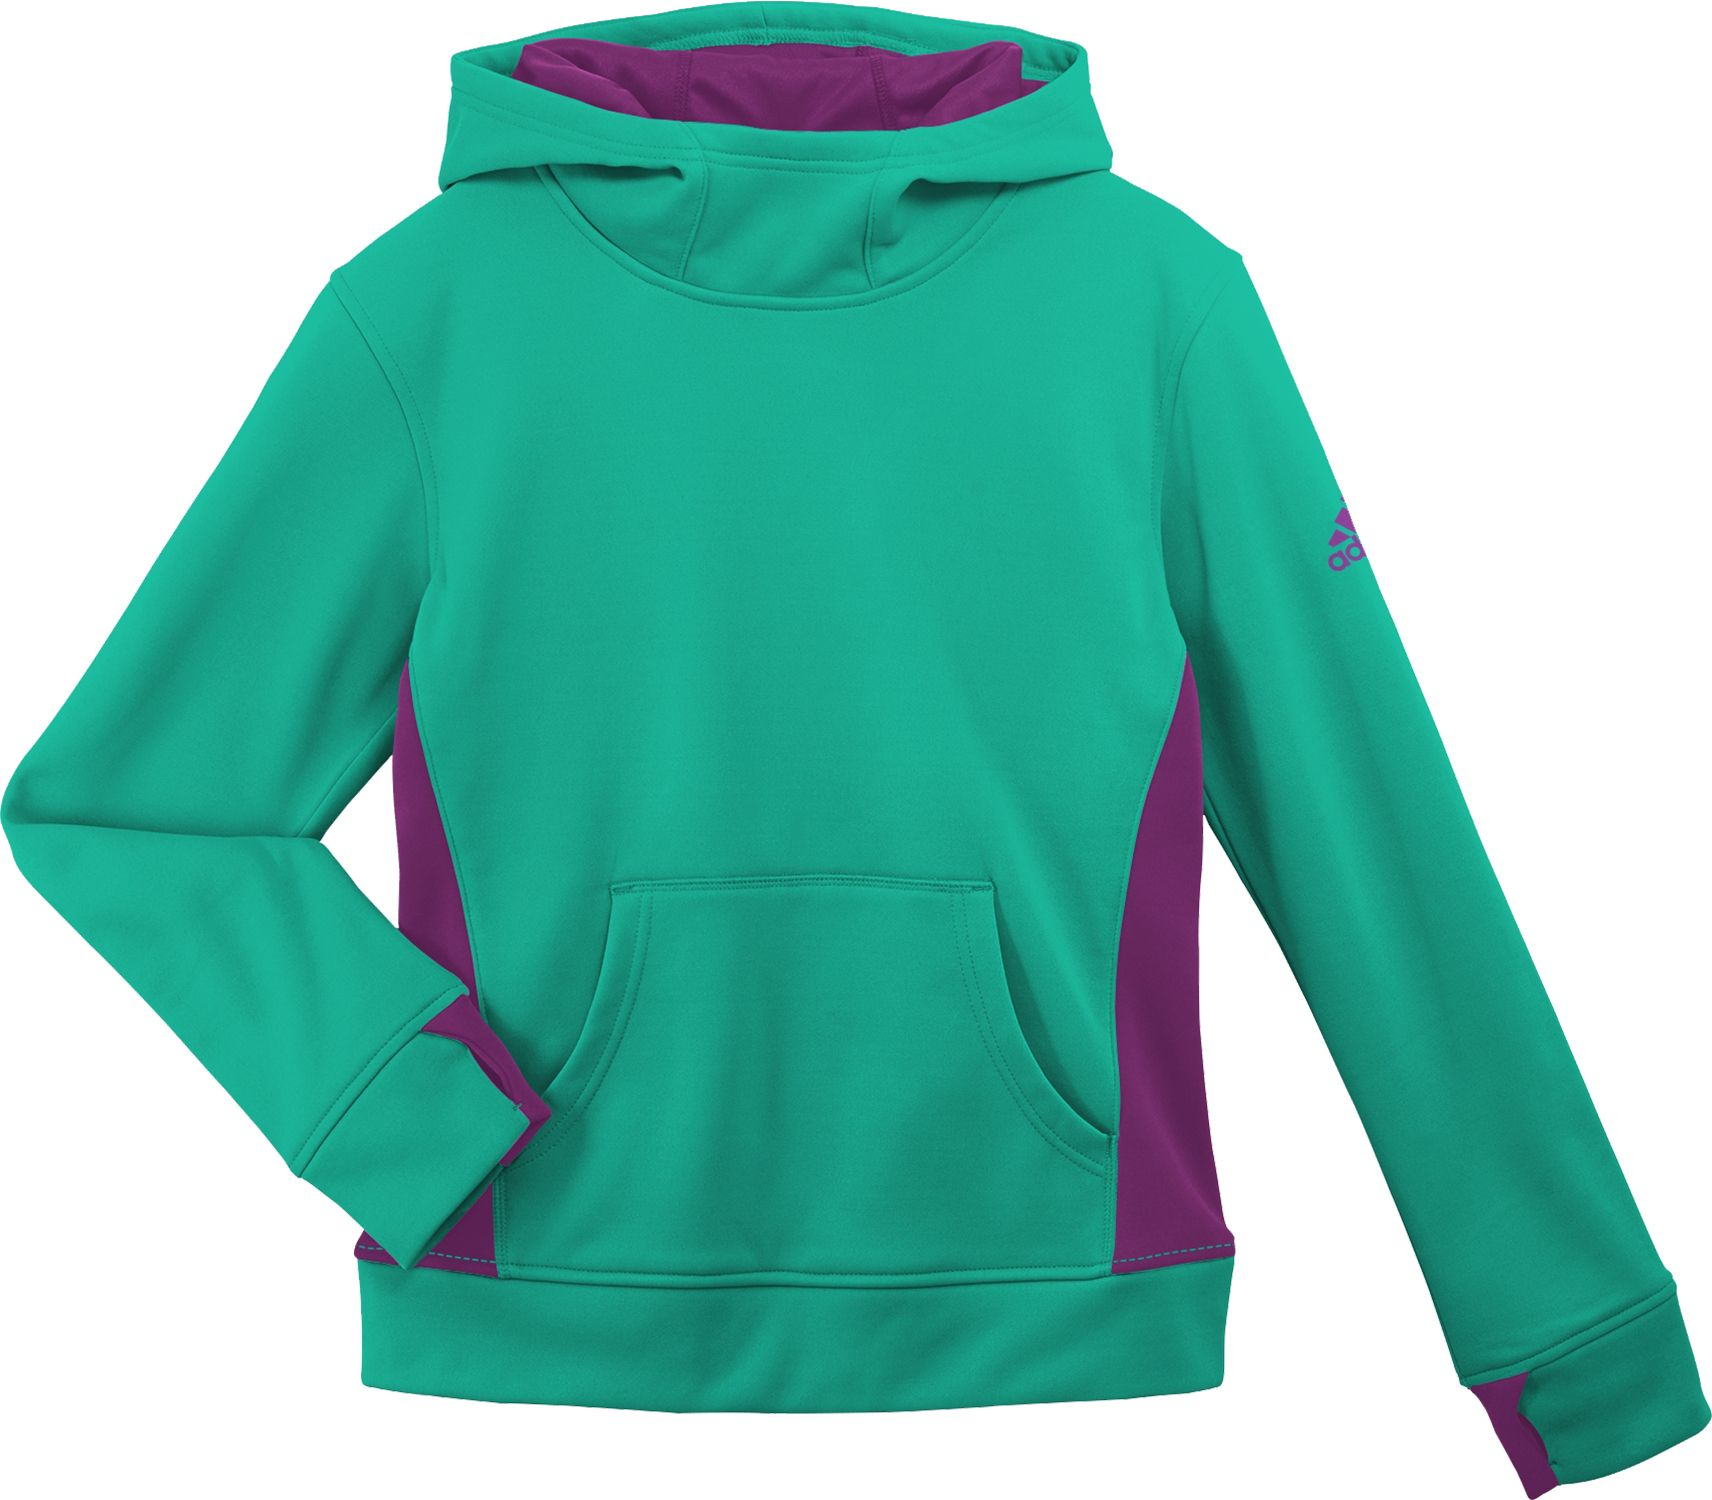 adidas Girls Tech Fleece Hoodie DICKS Sporting Goods